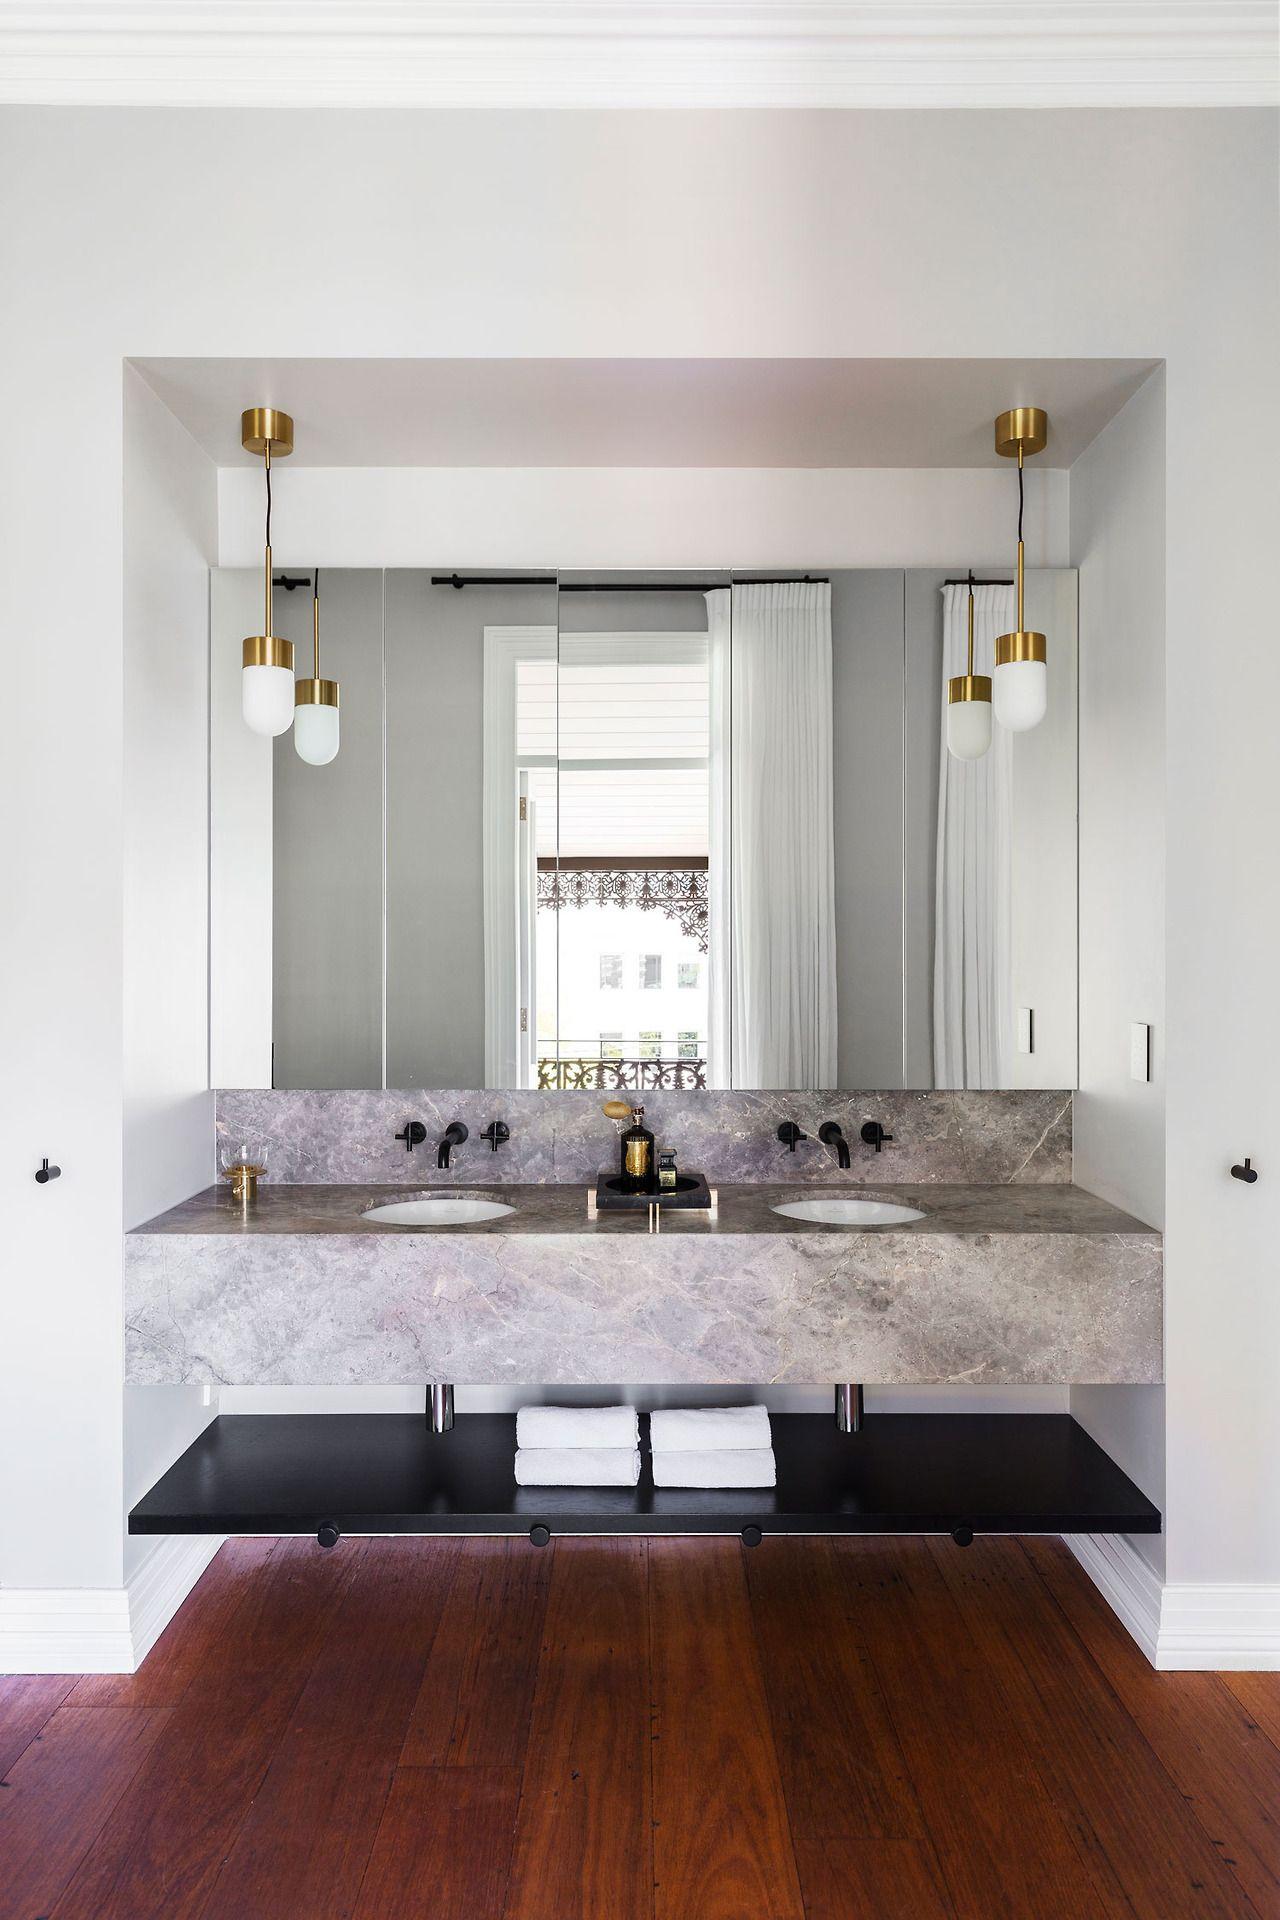 Chique ruime badkamer met niveauverschil | Pinterest - Chique ...